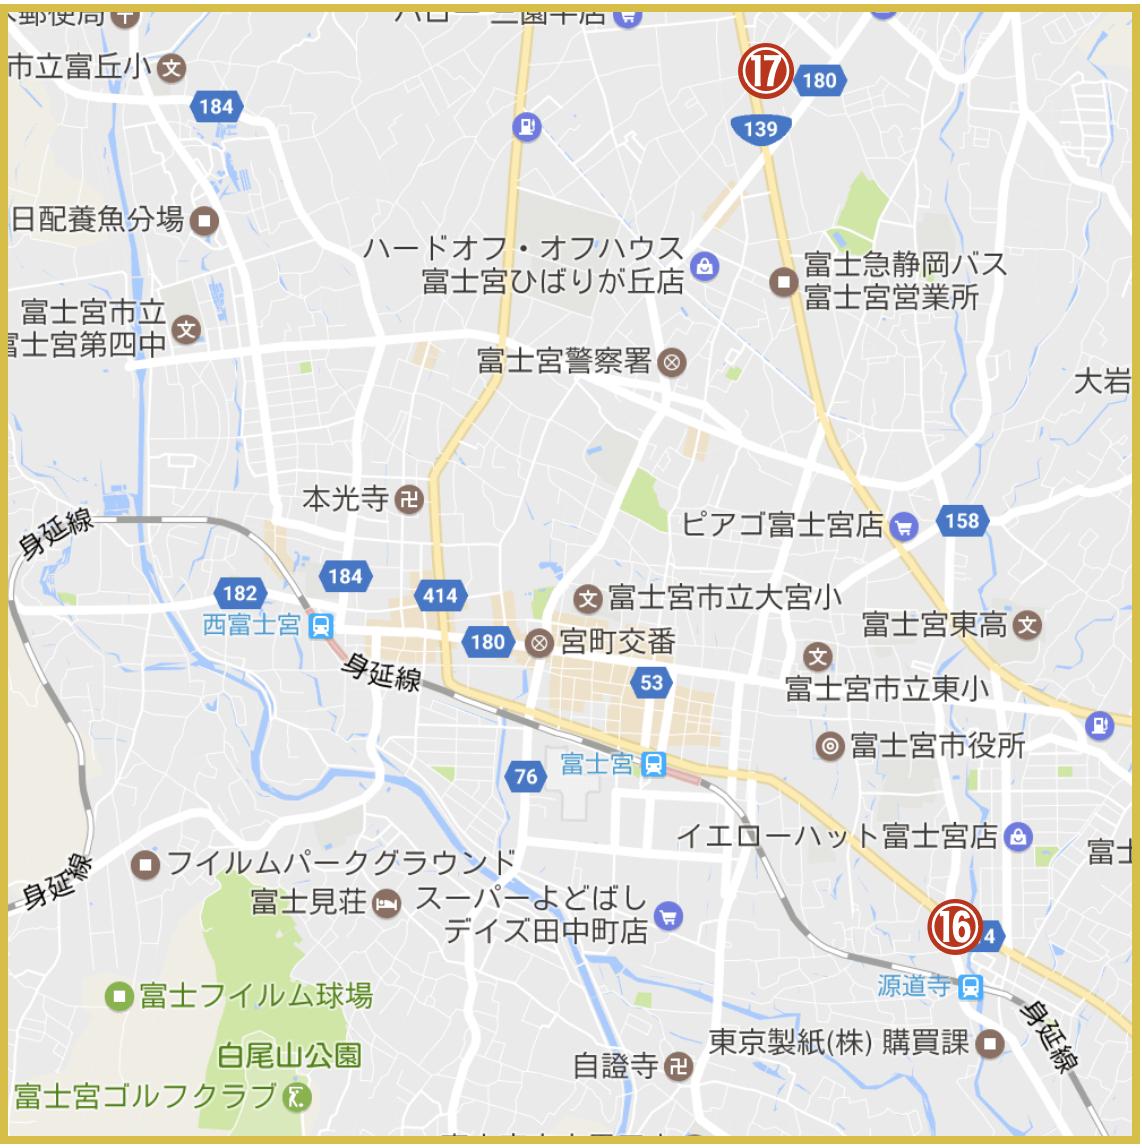 静岡県富士宮市にあるアコム店舗・ATMの位置(2020年9月版)